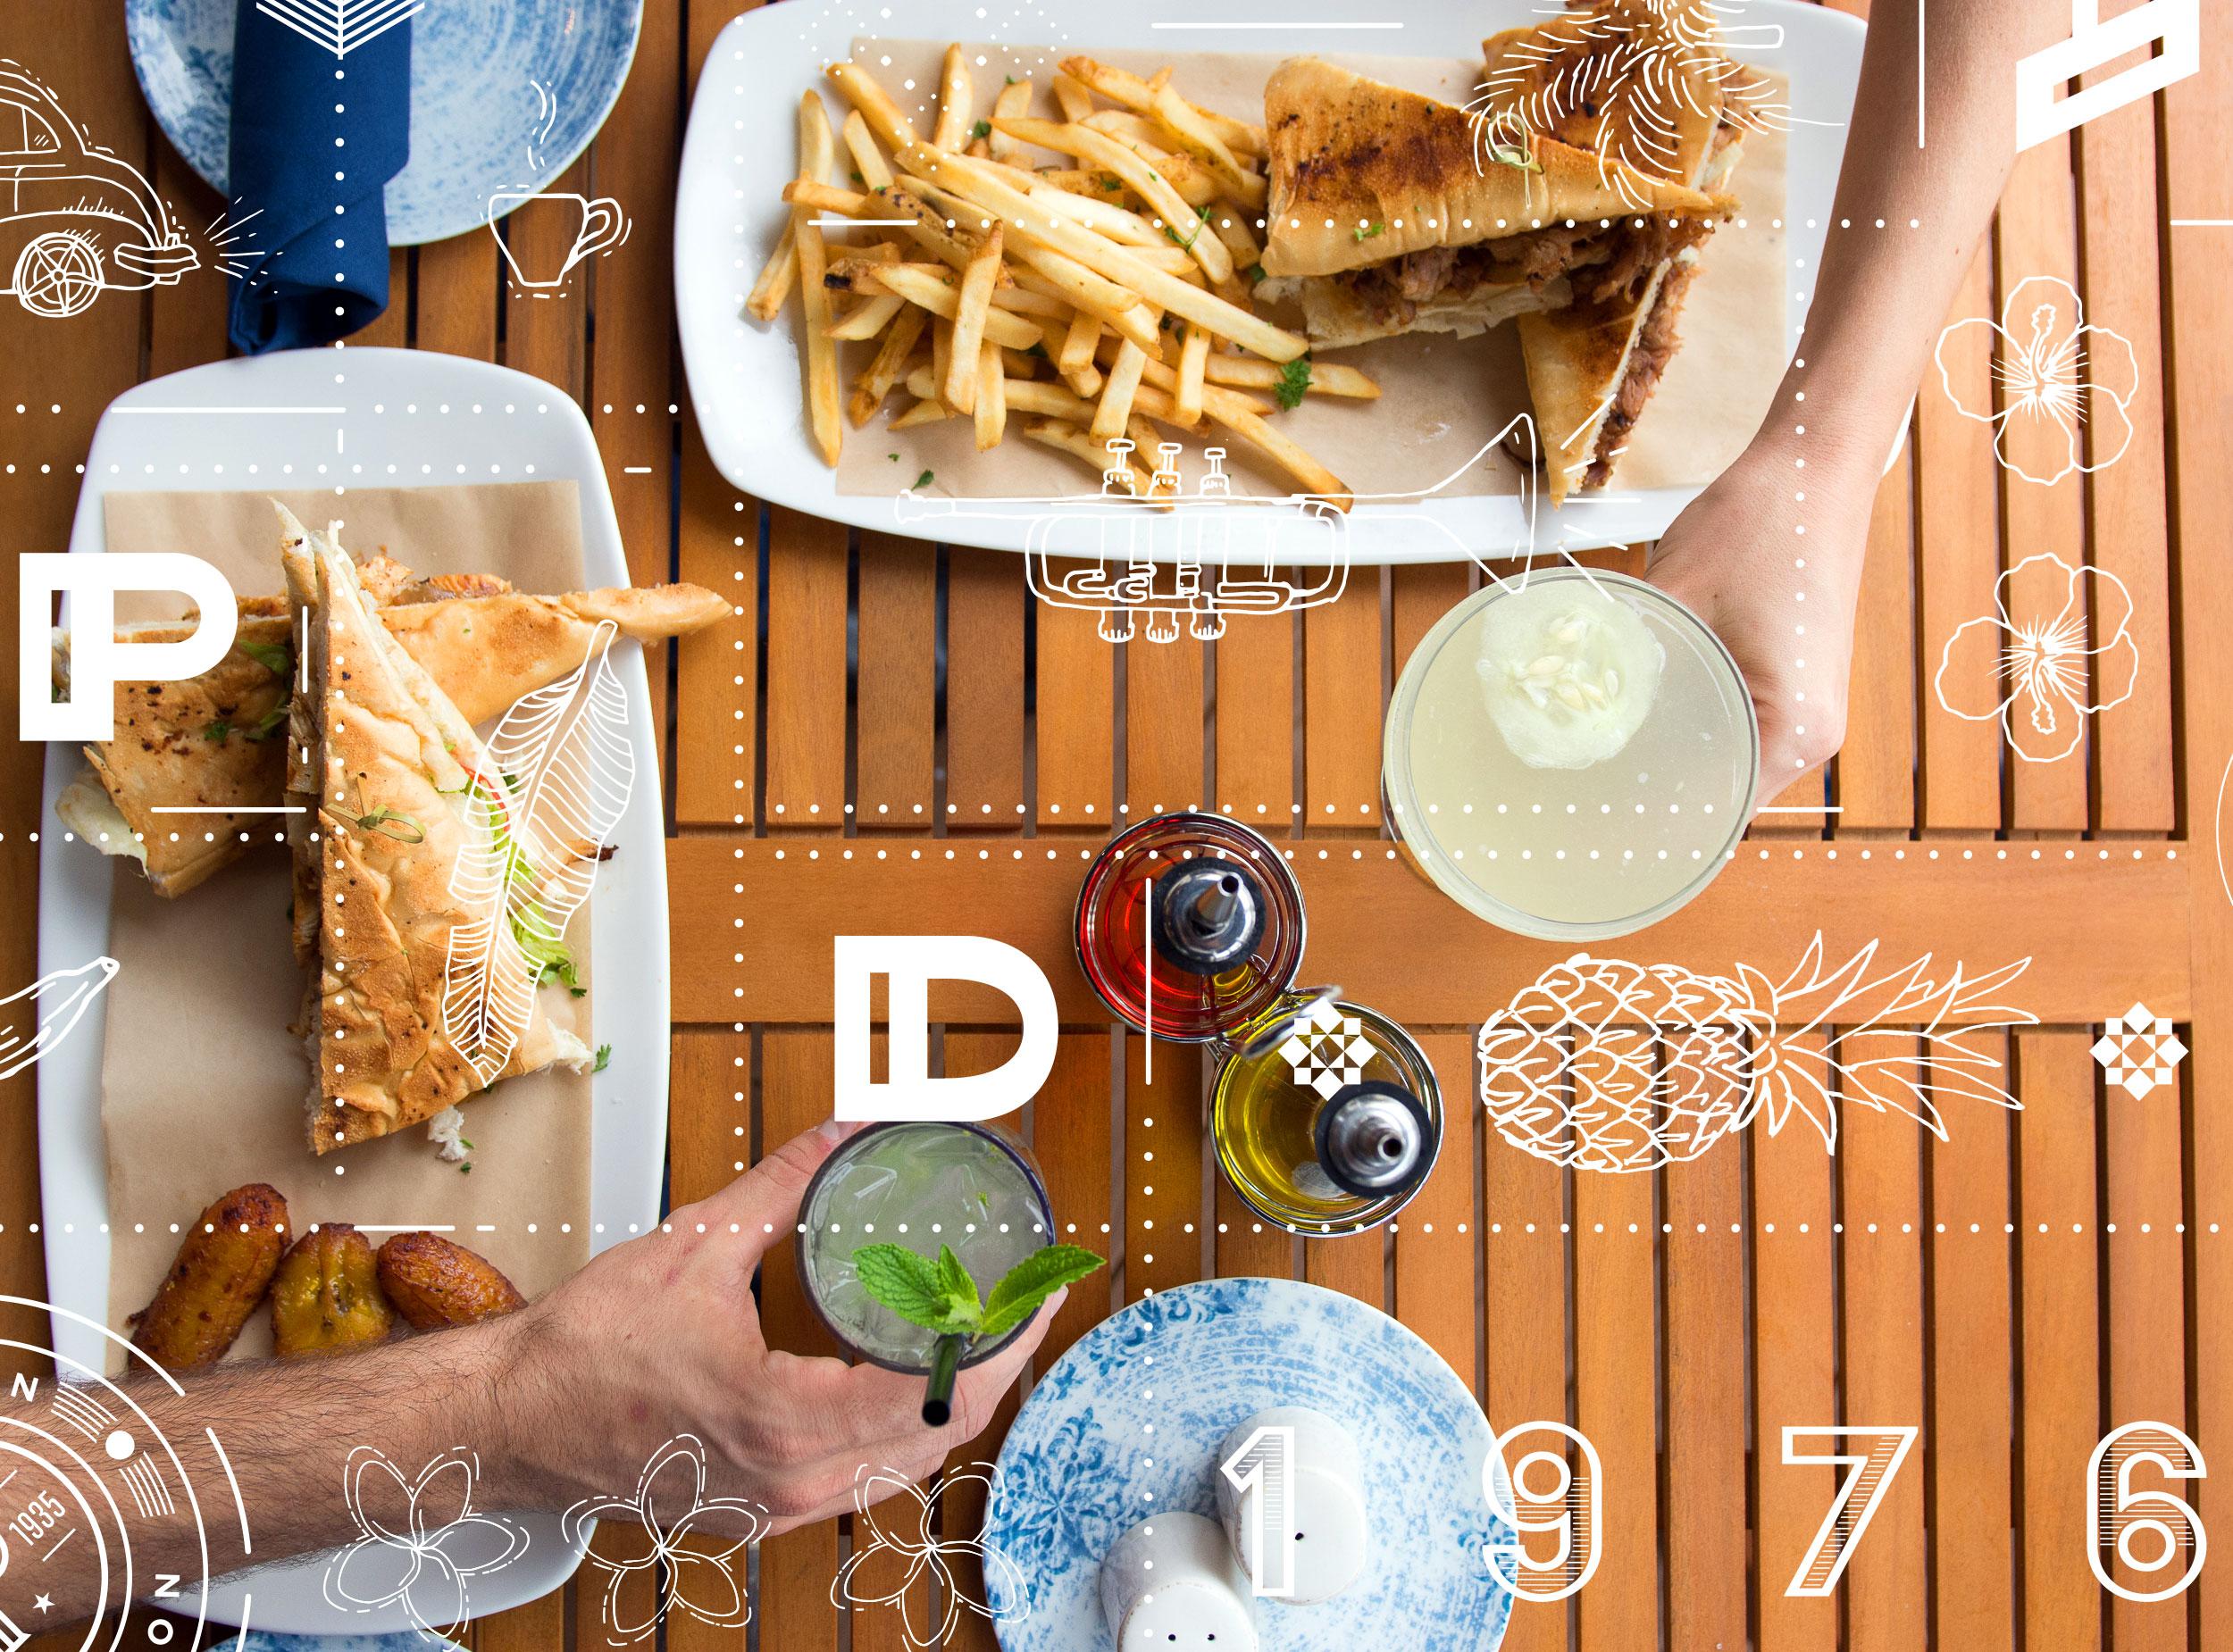 Padrinos_drinks-and-food.jpg